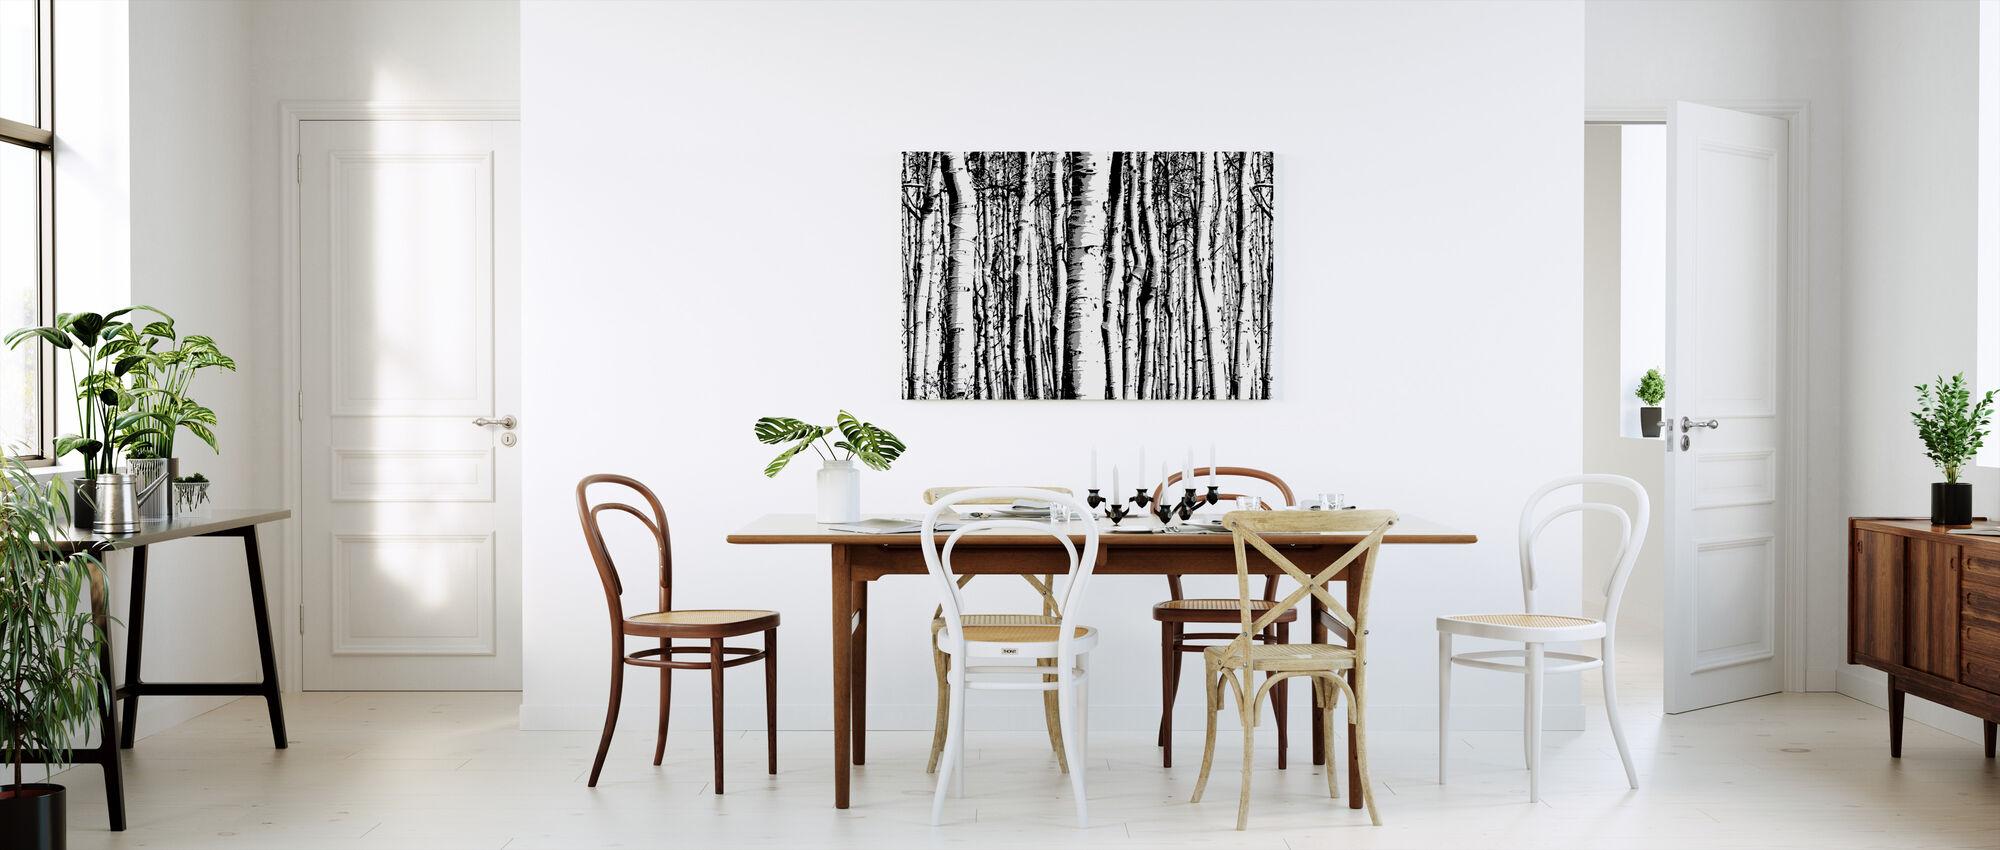 Aspenin metsä - Canvastaulu - Keittiö